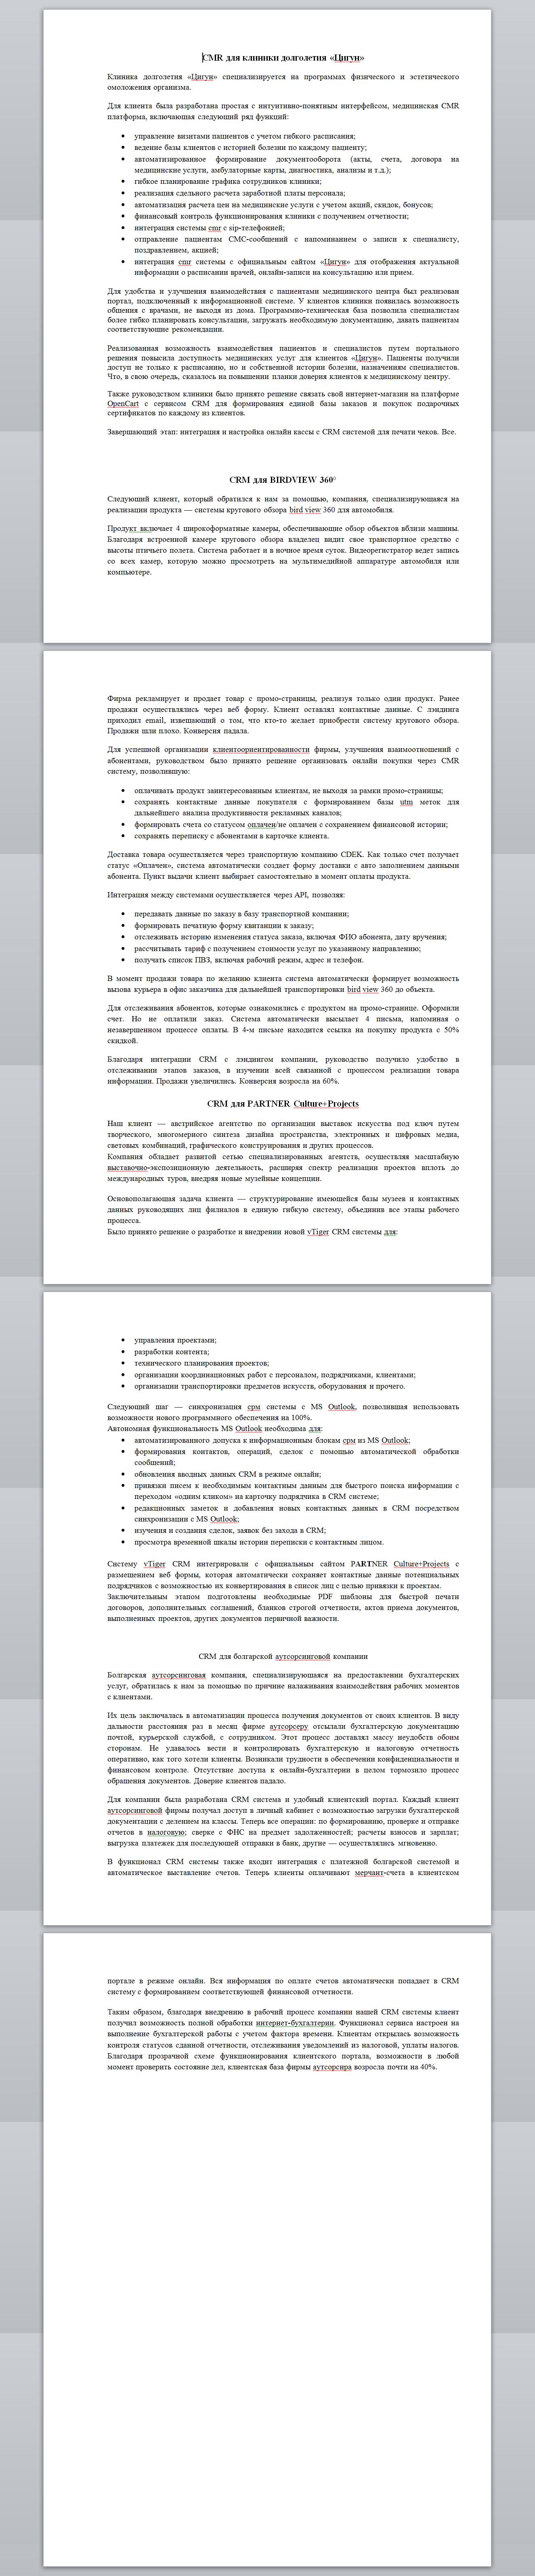 Описания кейсов CMR (было написано около 50 текстов)